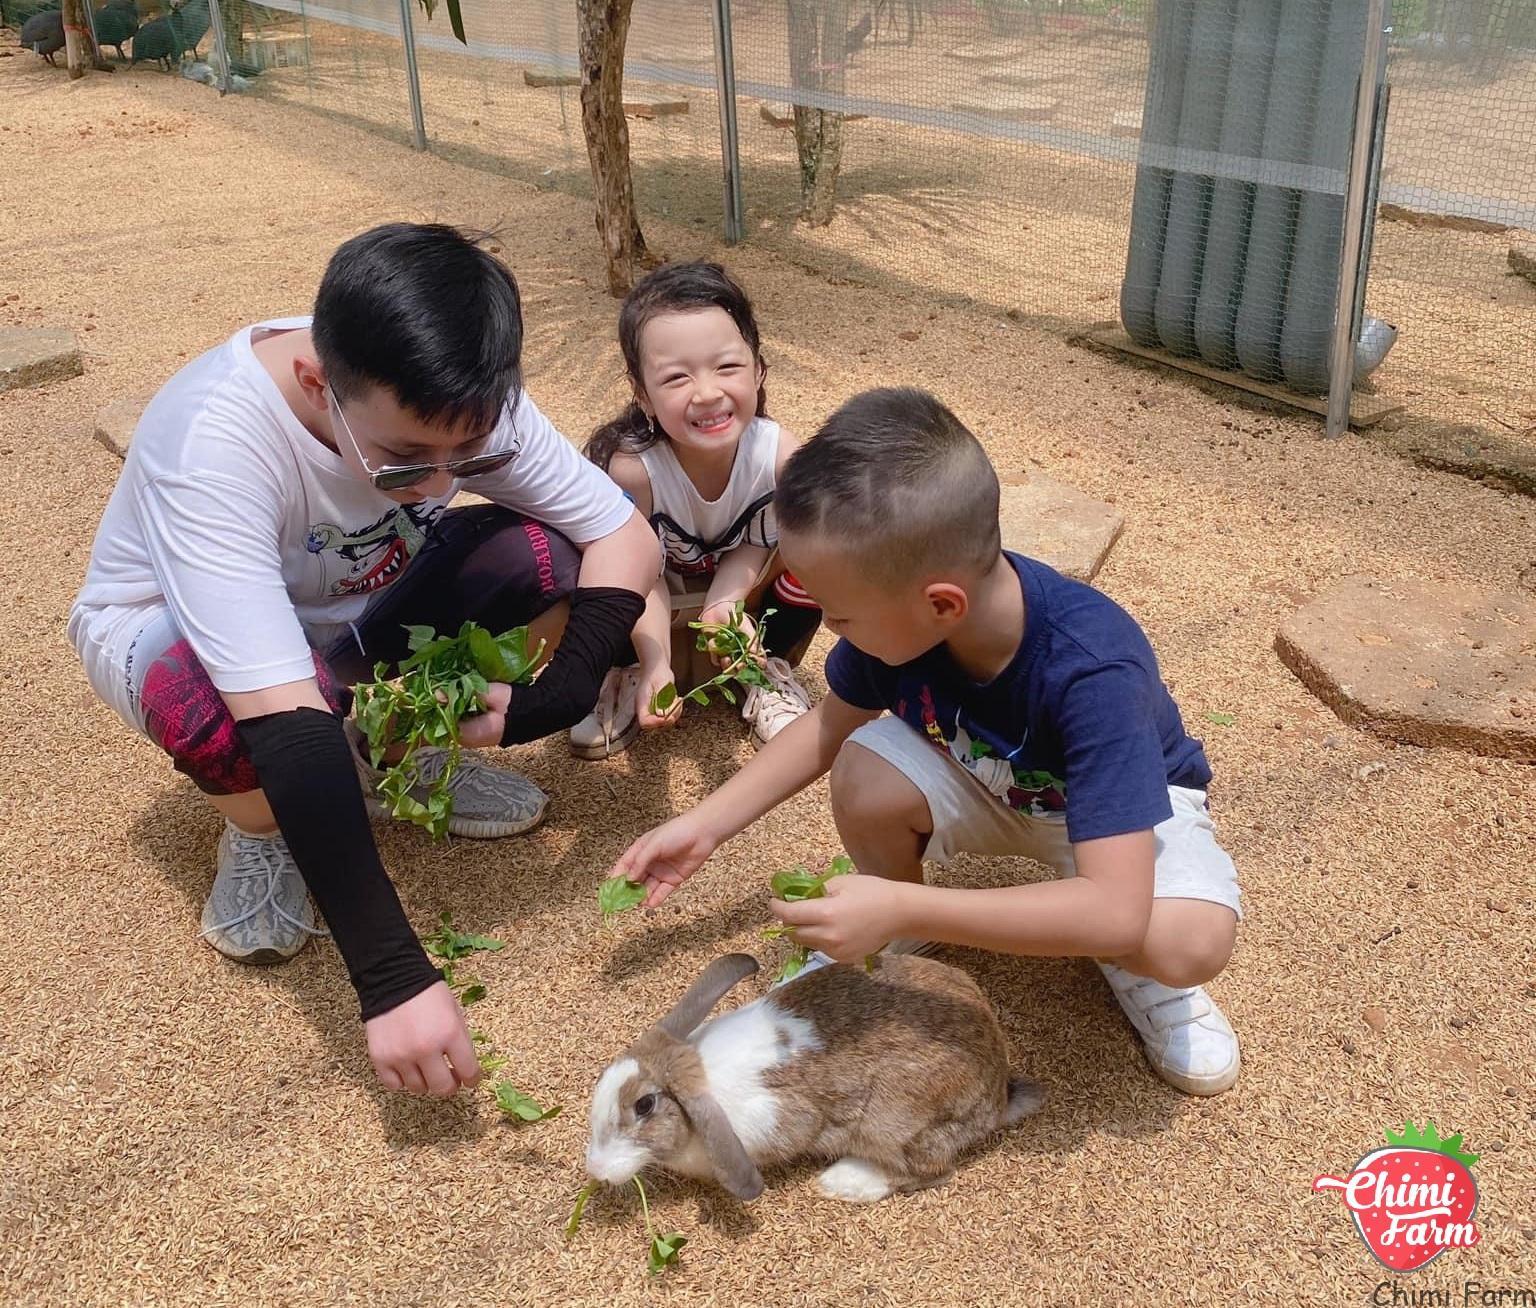 Bạn có thể chơi với các bé thỏ đáng yêu, nhưng nhớ nhẹ tay với các bạn ấy nha